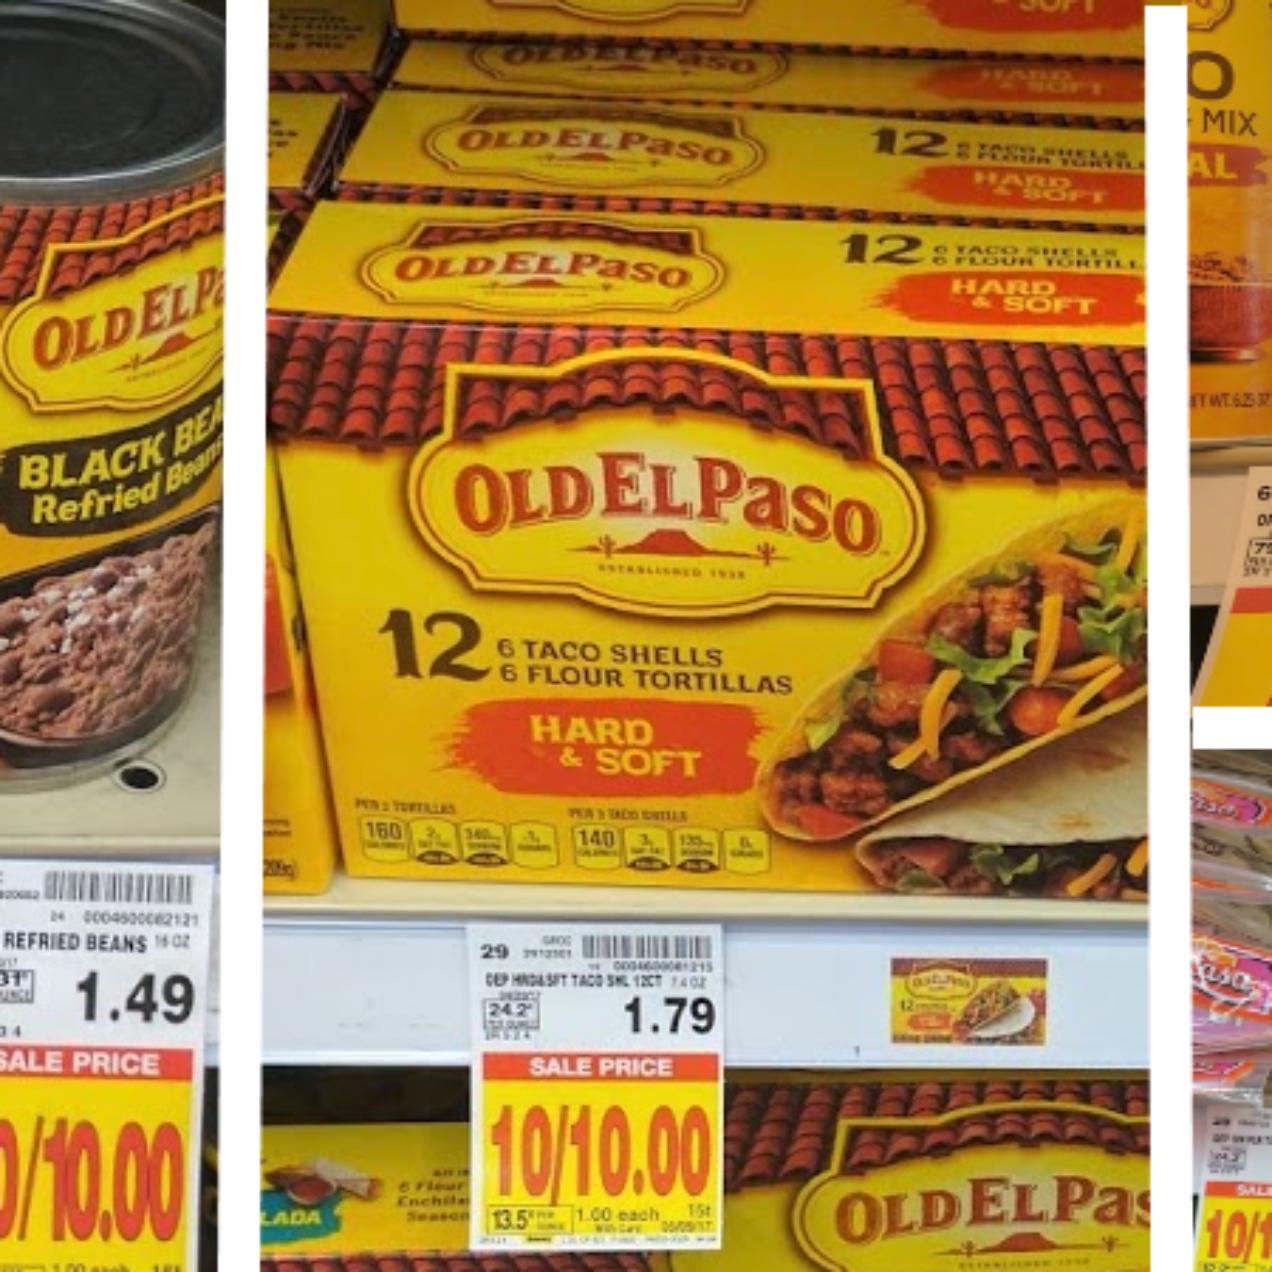 Old El Paso Shells Only $0.50 at Kroger